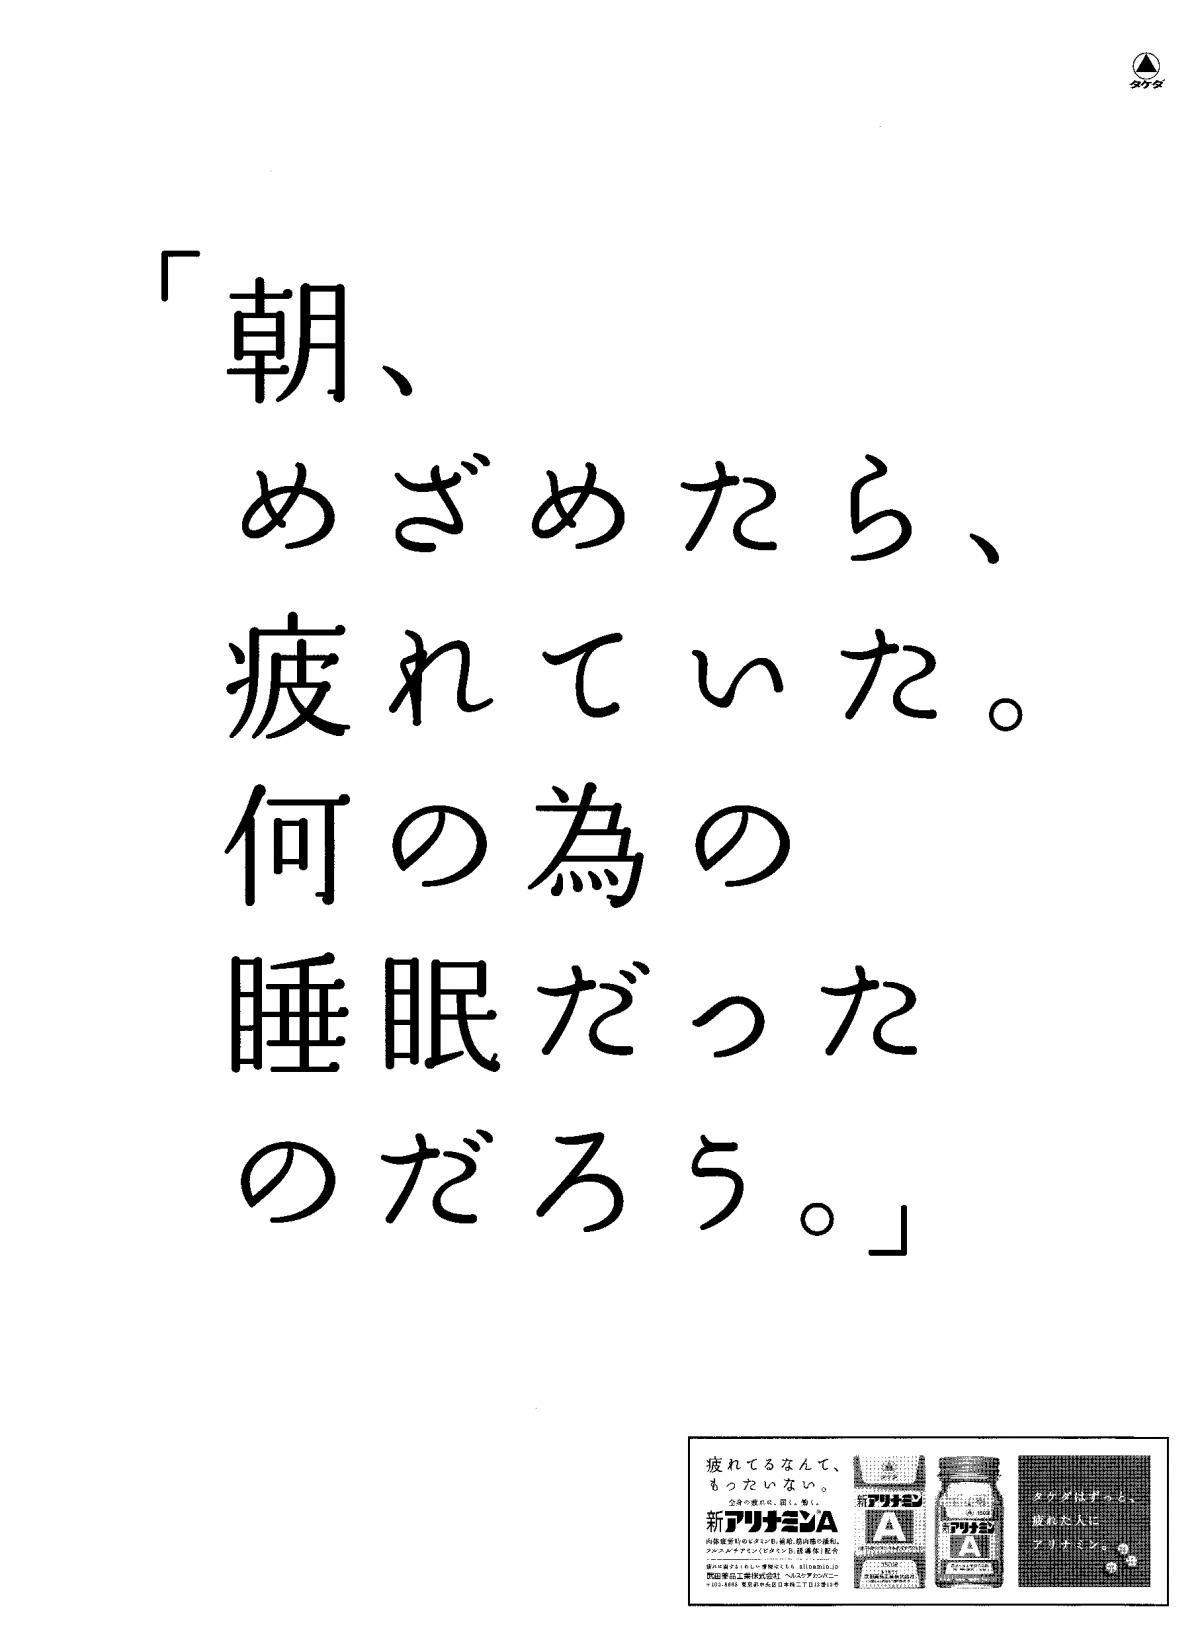 朝 体 文字 明 インスタ